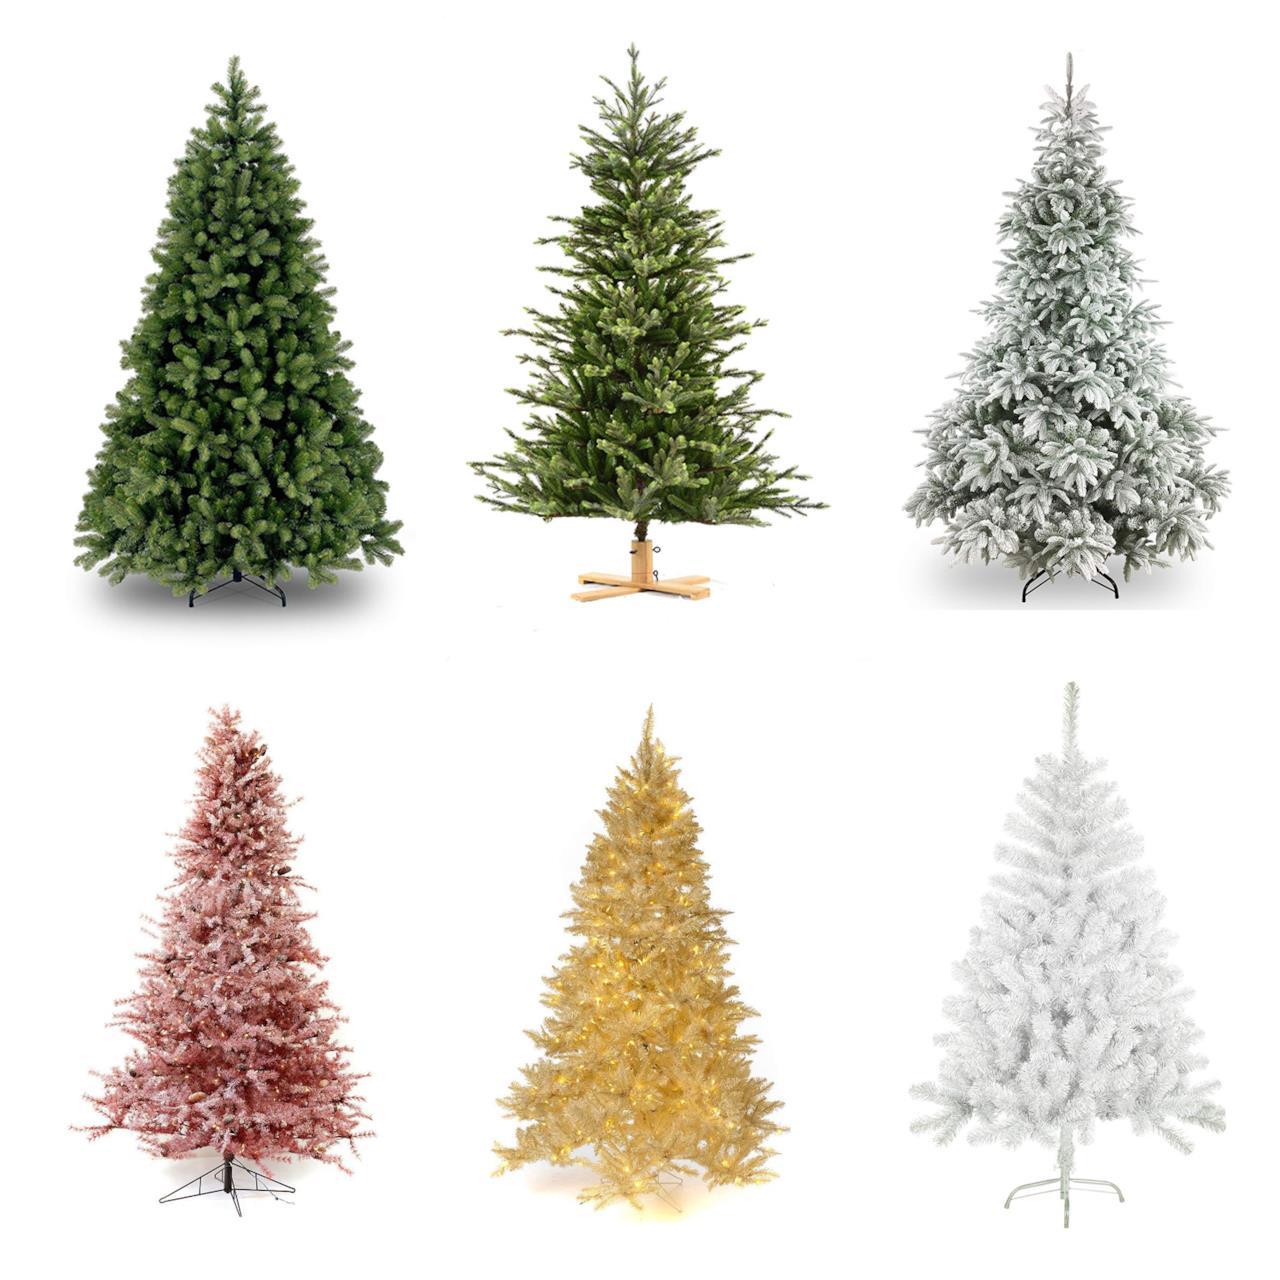 L Albero Di Natale.Come Addobbare L Albero Di Natale